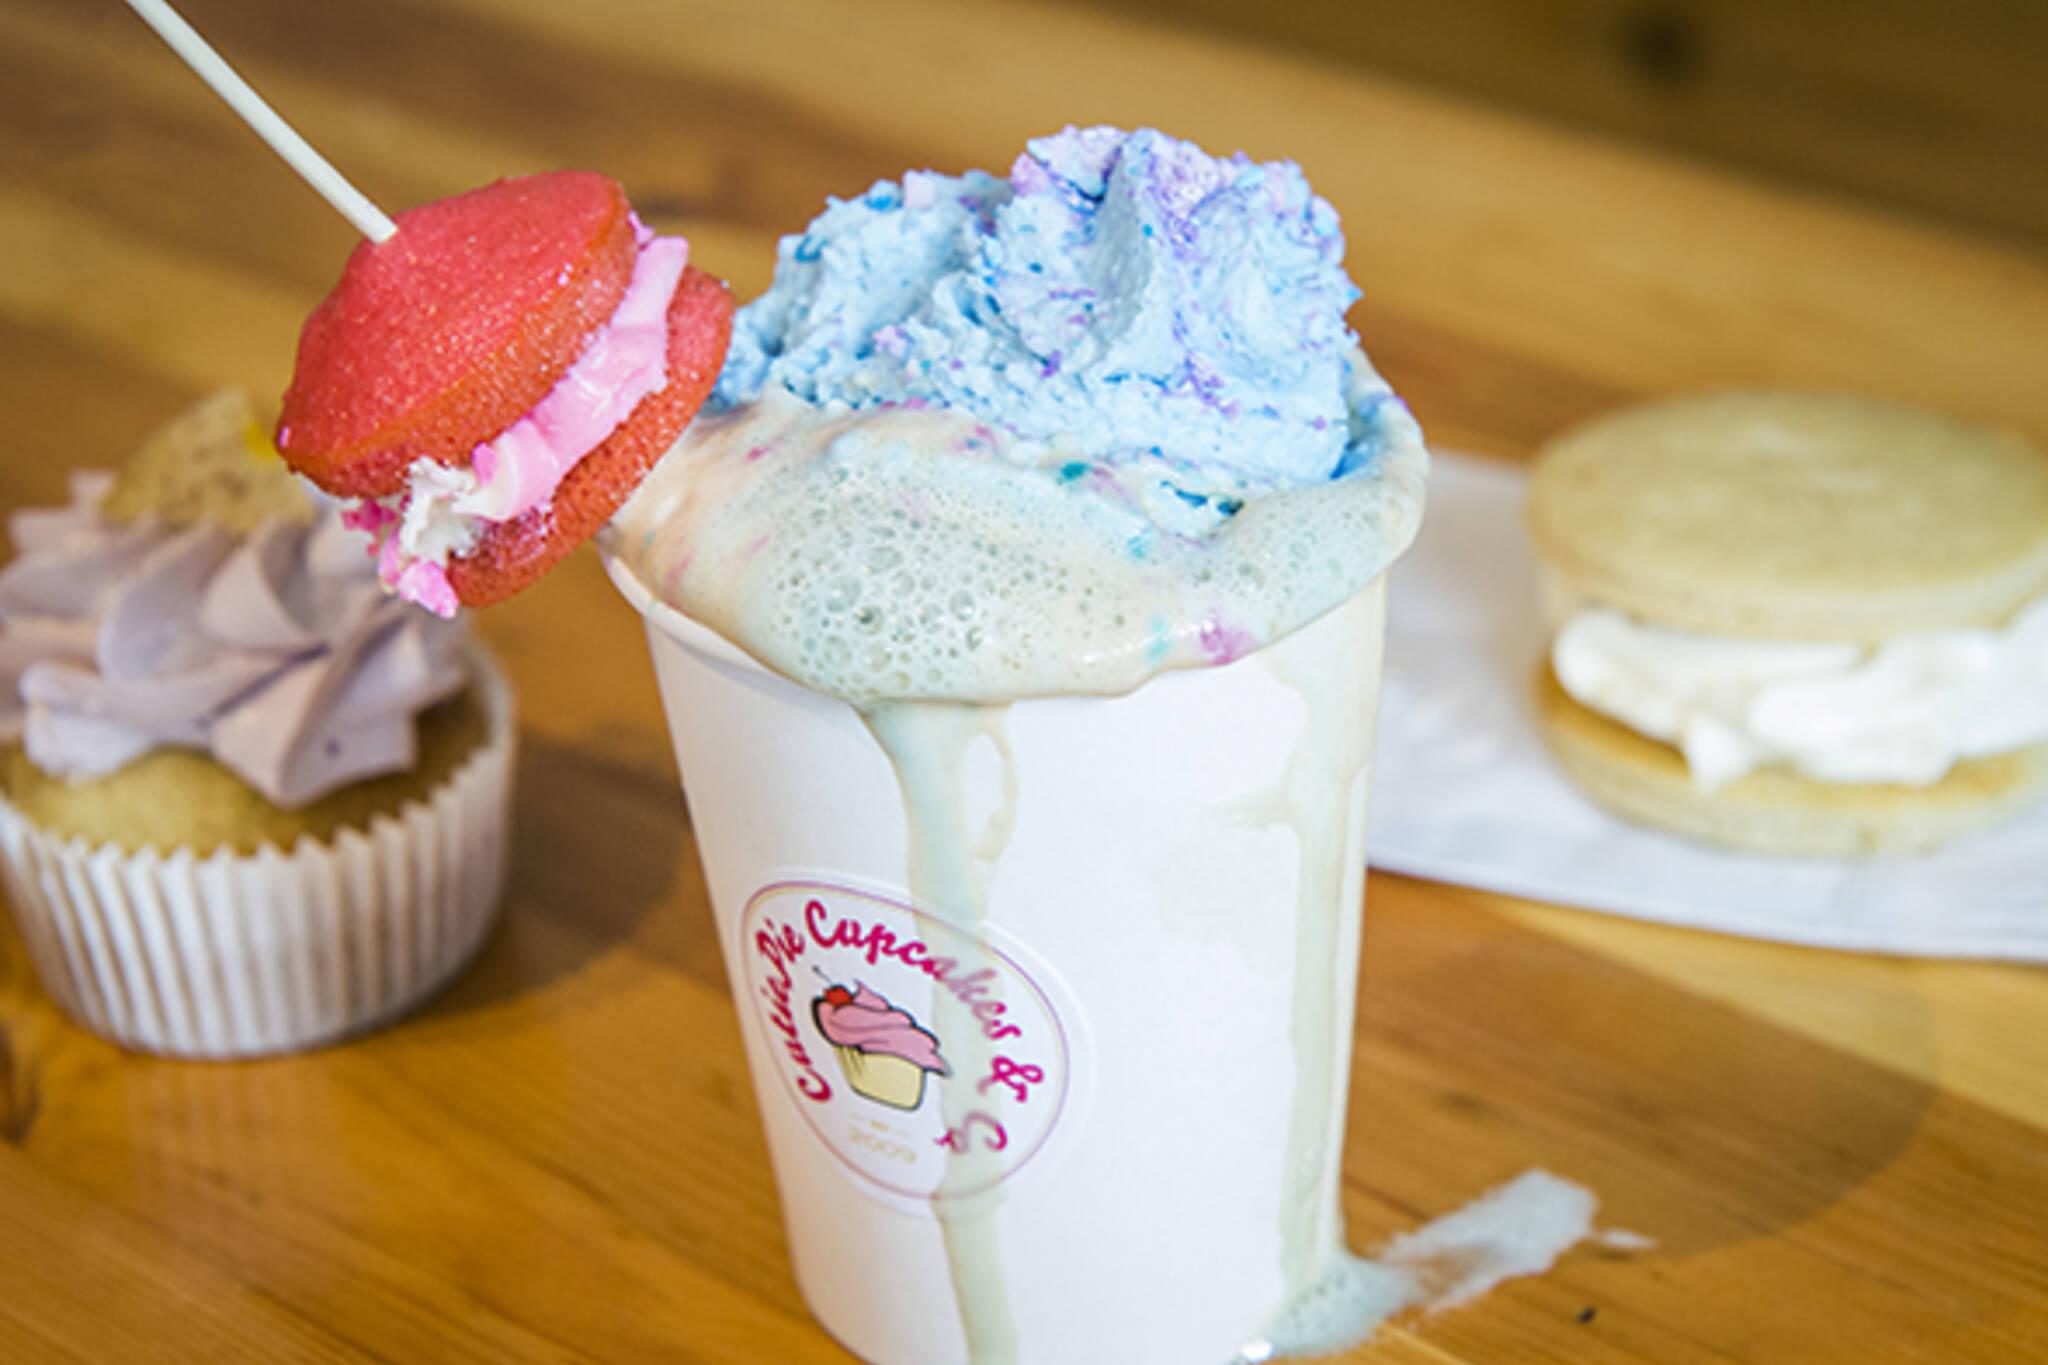 CutiePie Cupcakes Toronto